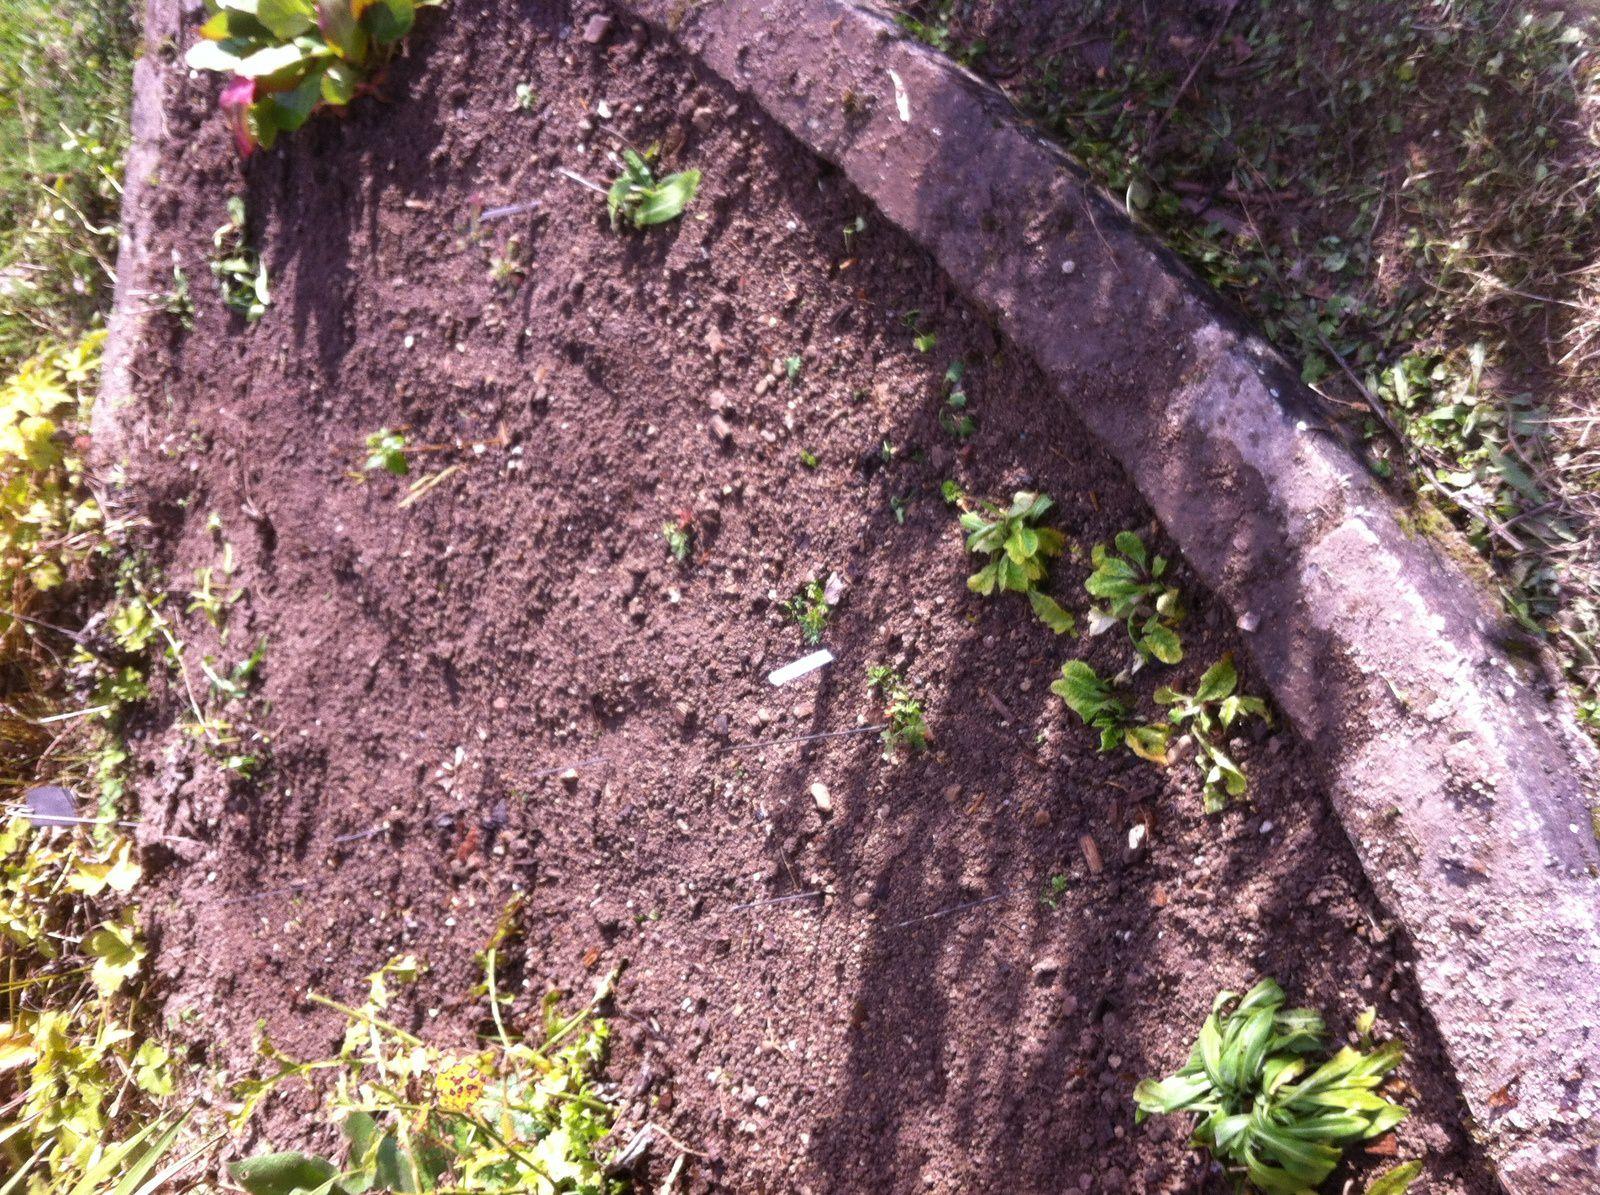 De haut en bas : centaurées, Anémone pulsatilles, plantes inconnues, Monarde bergamote, Doronique et vue d'ensemble